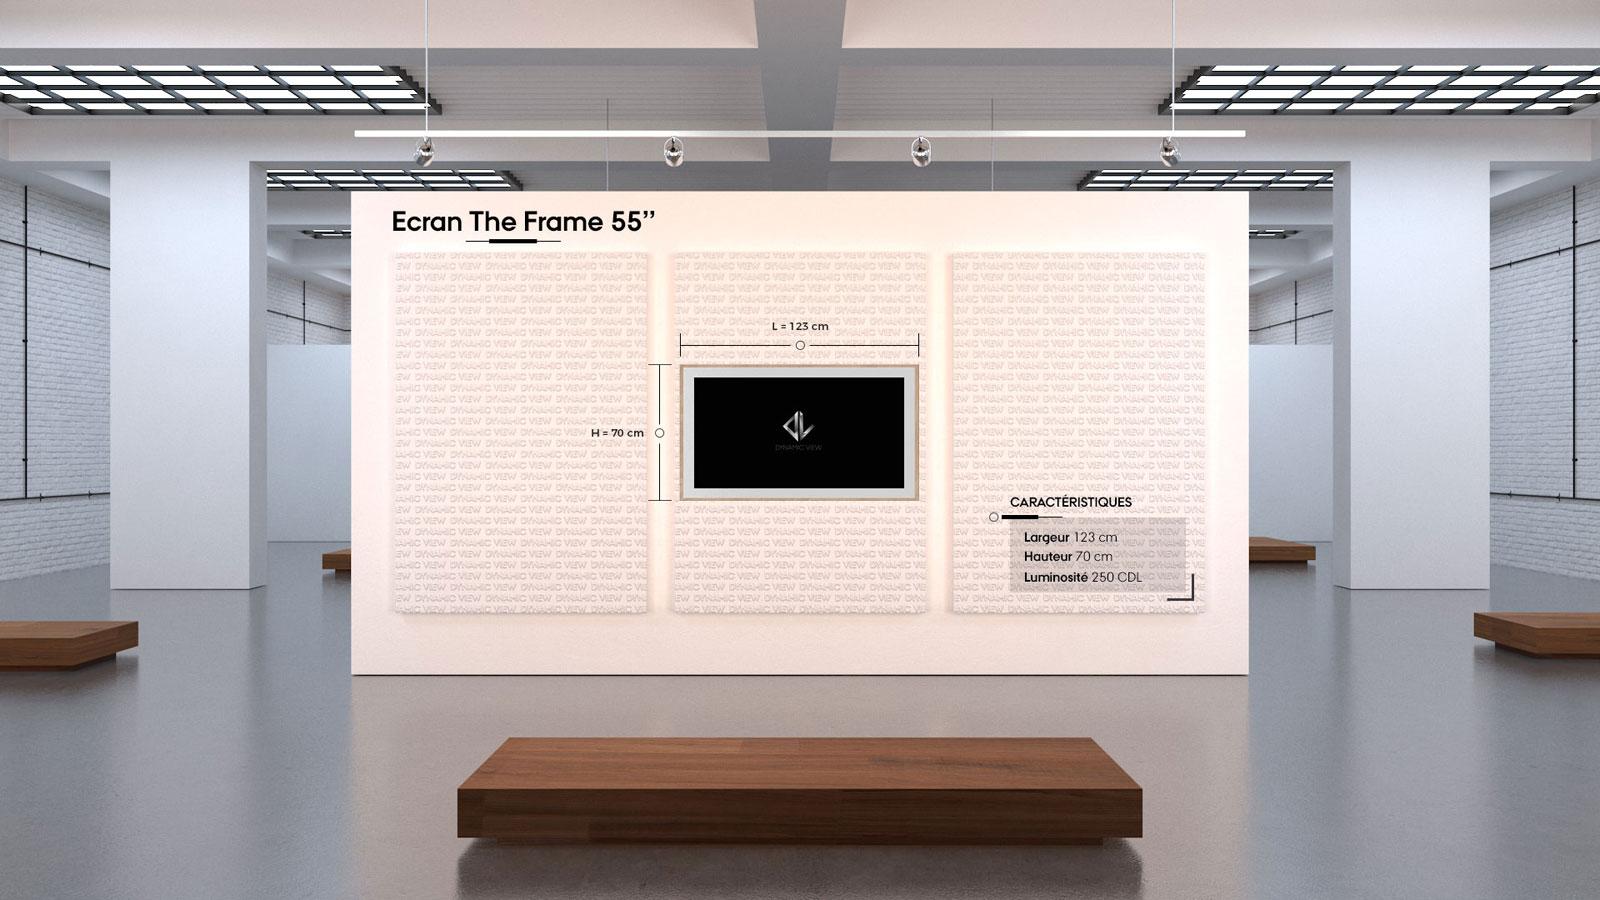 09 Ecran The Frame 55''